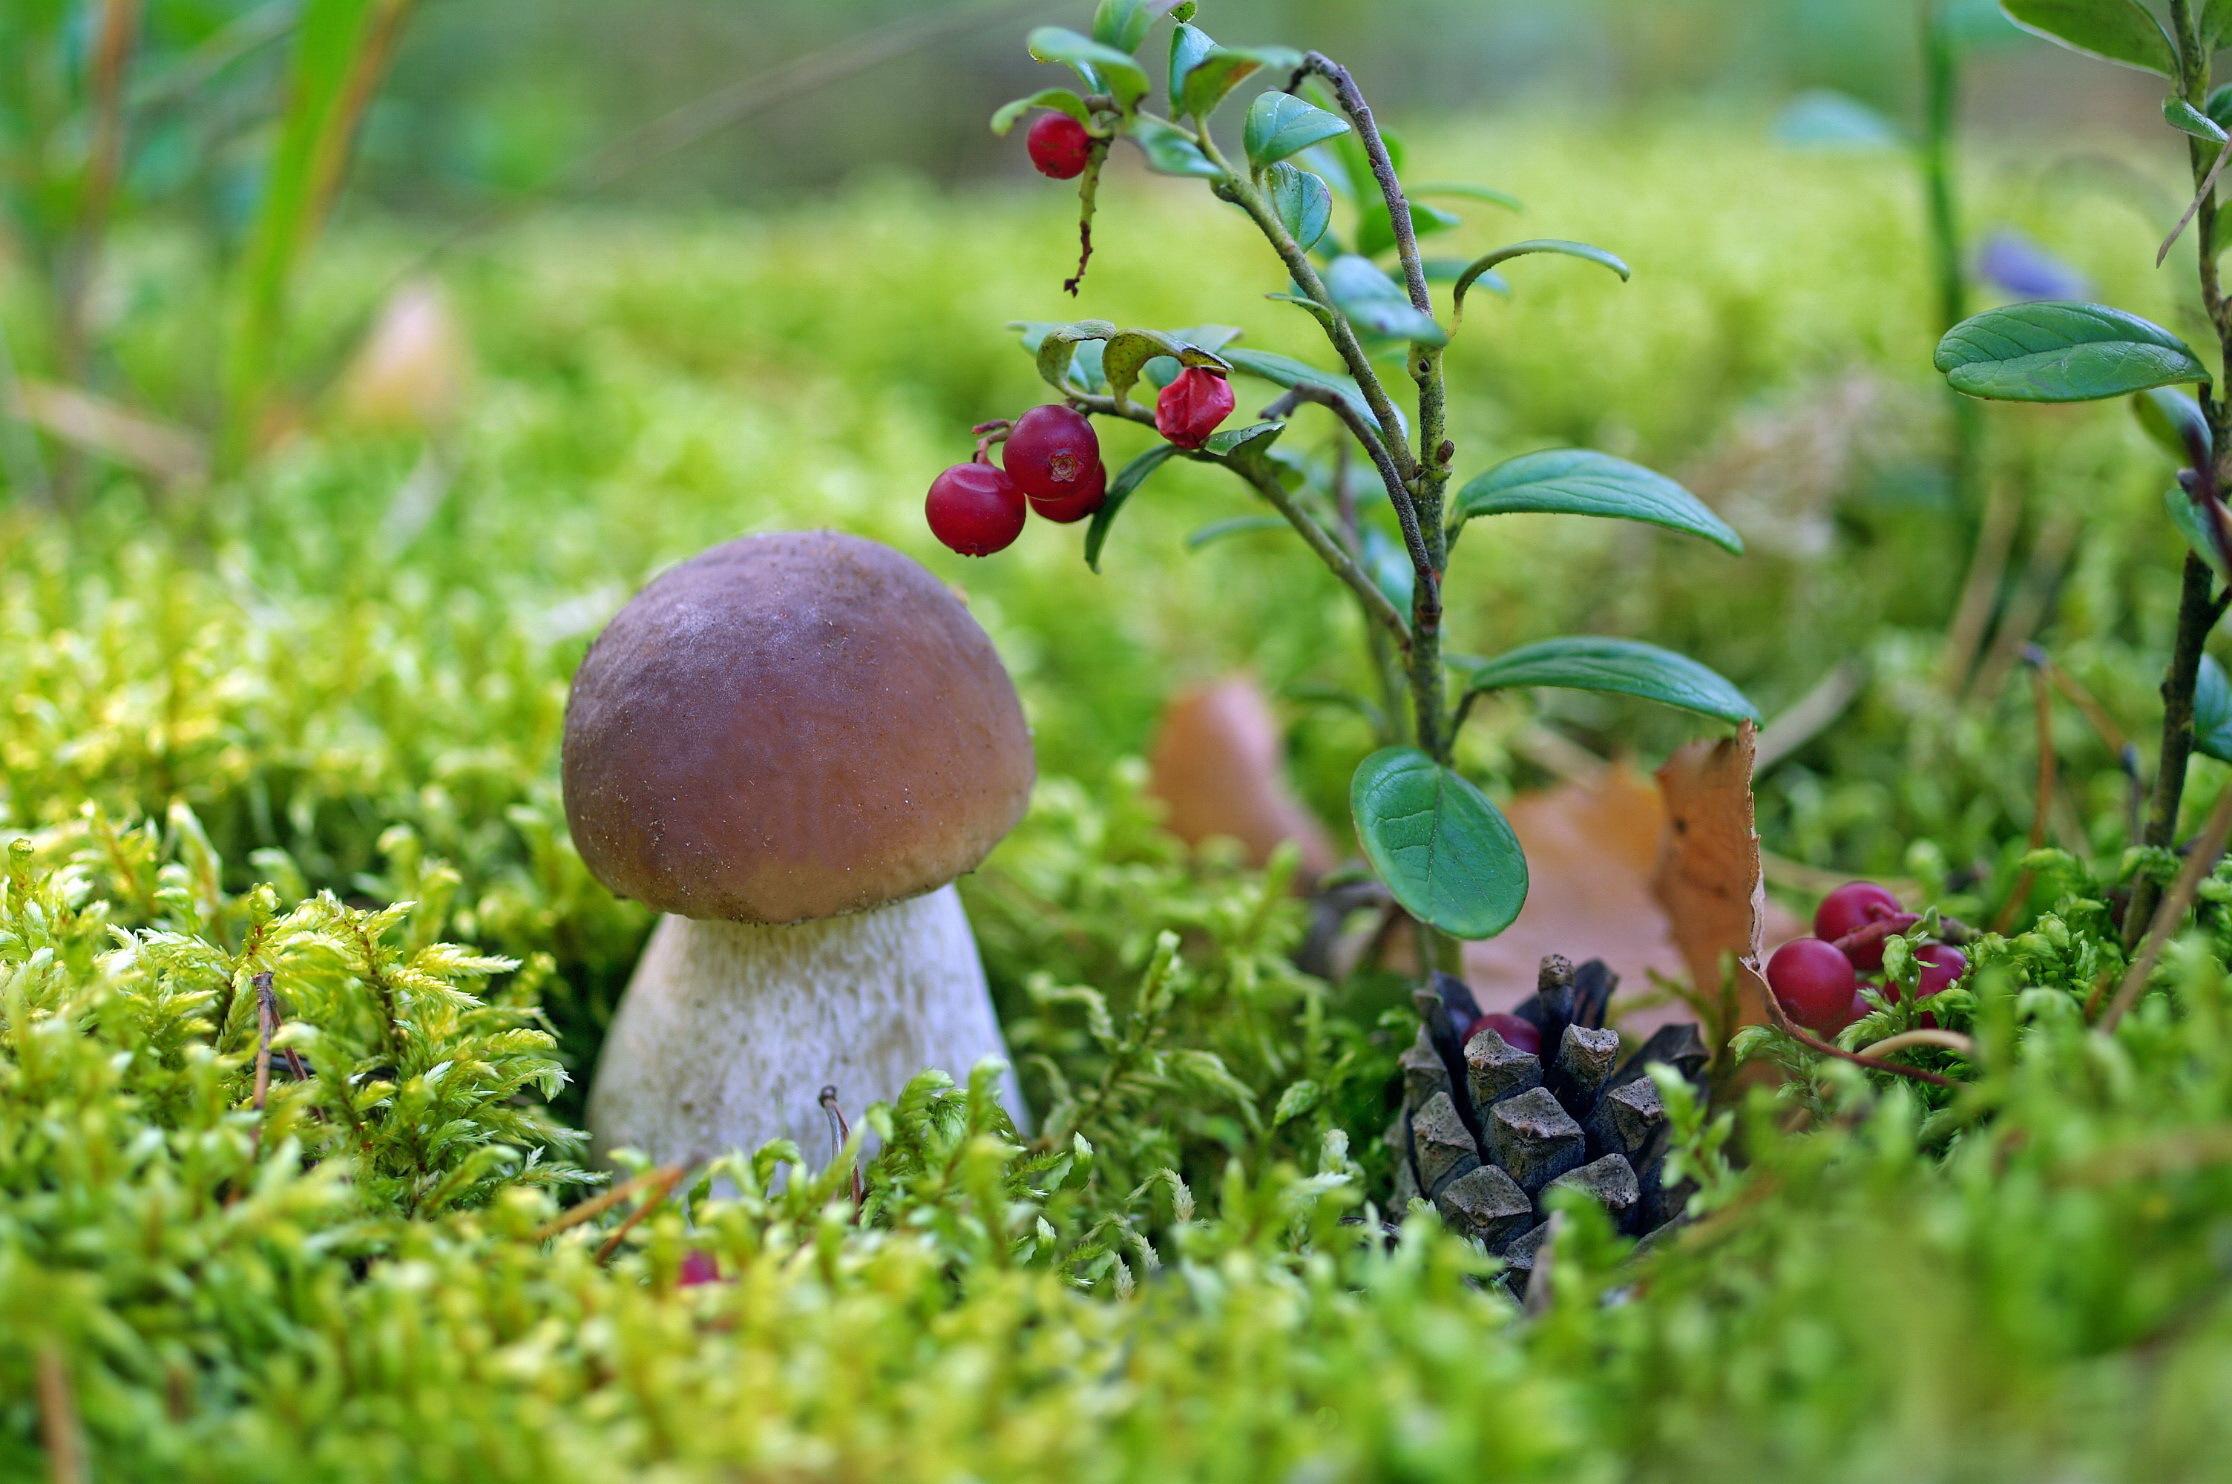 Ягоды грибы в лесу картинки